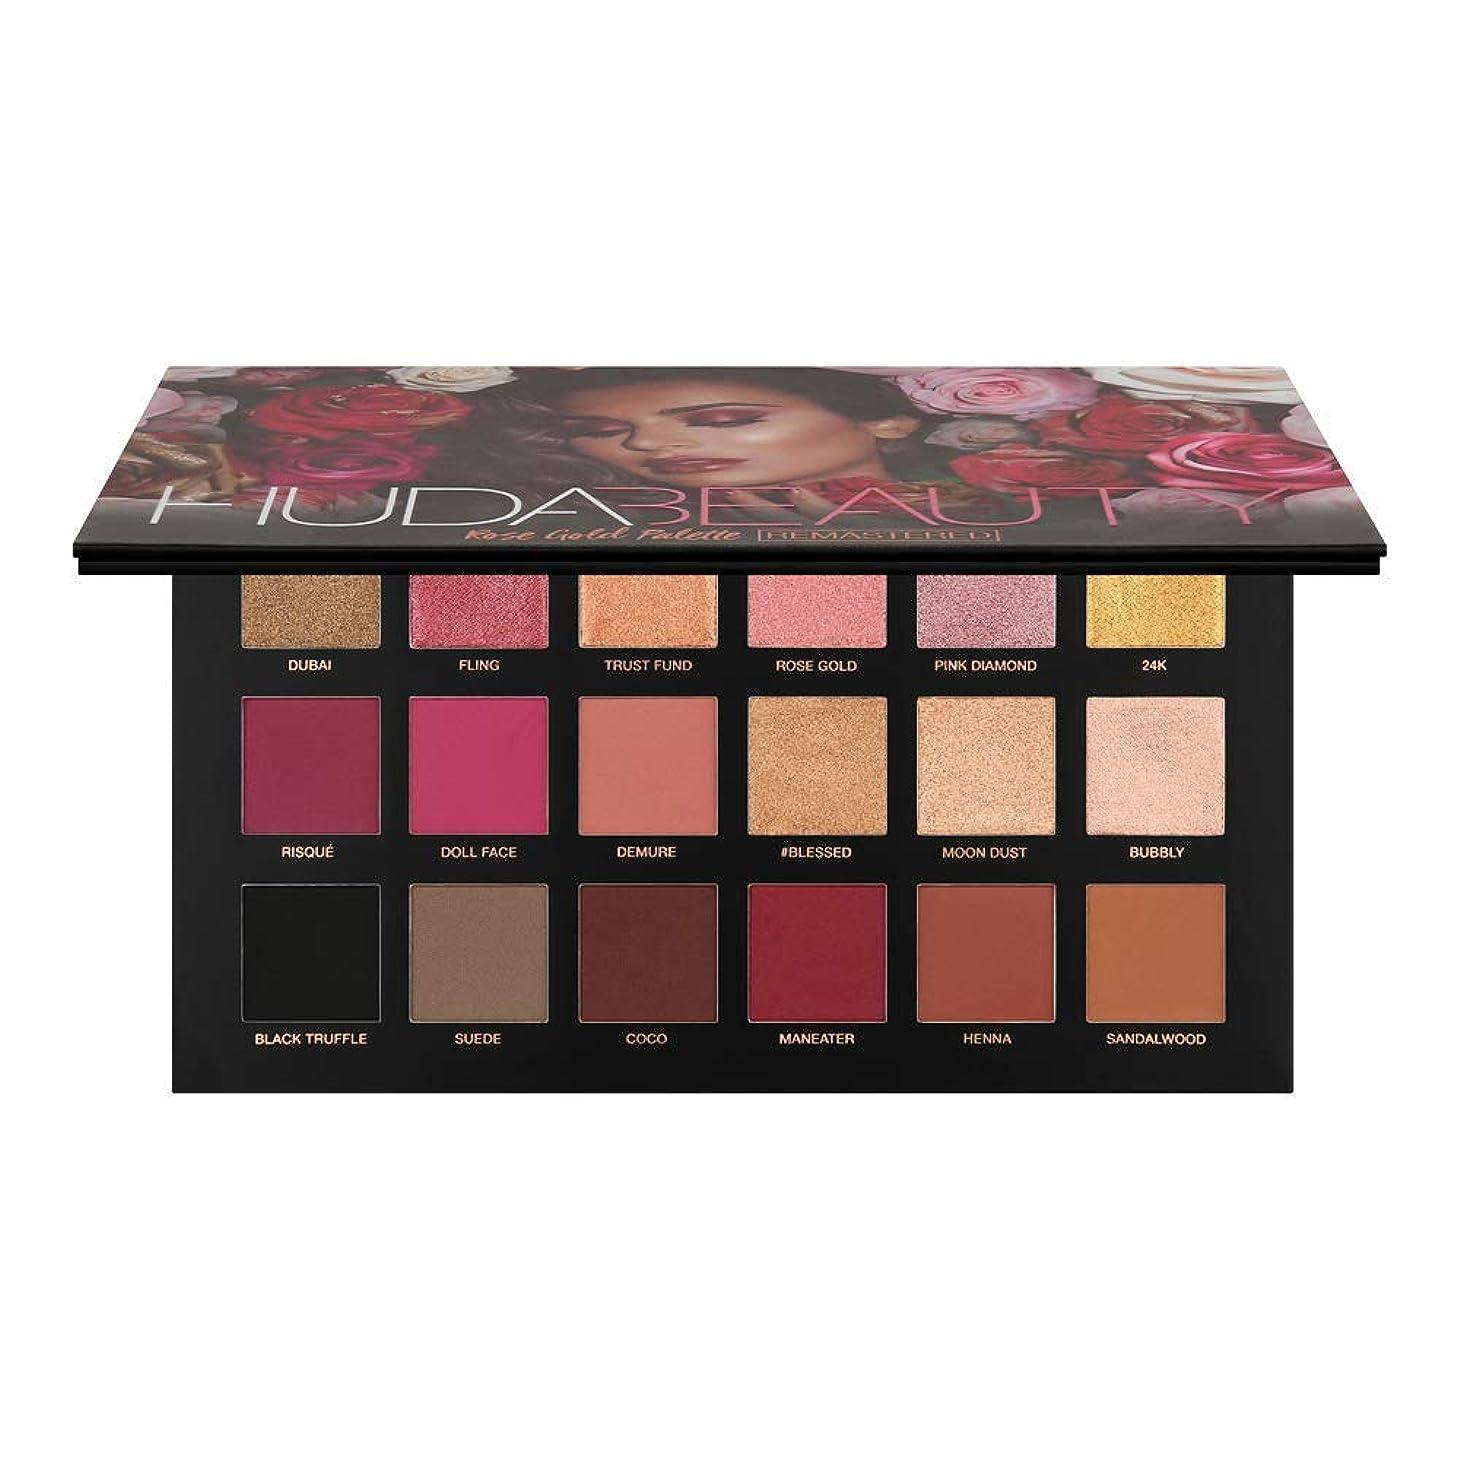 反動項目ランチョンHUDA BEAUTY Rose Gold REMASTERED Eyeshadow Palette with samples 100% Authentic [並行輸入品]